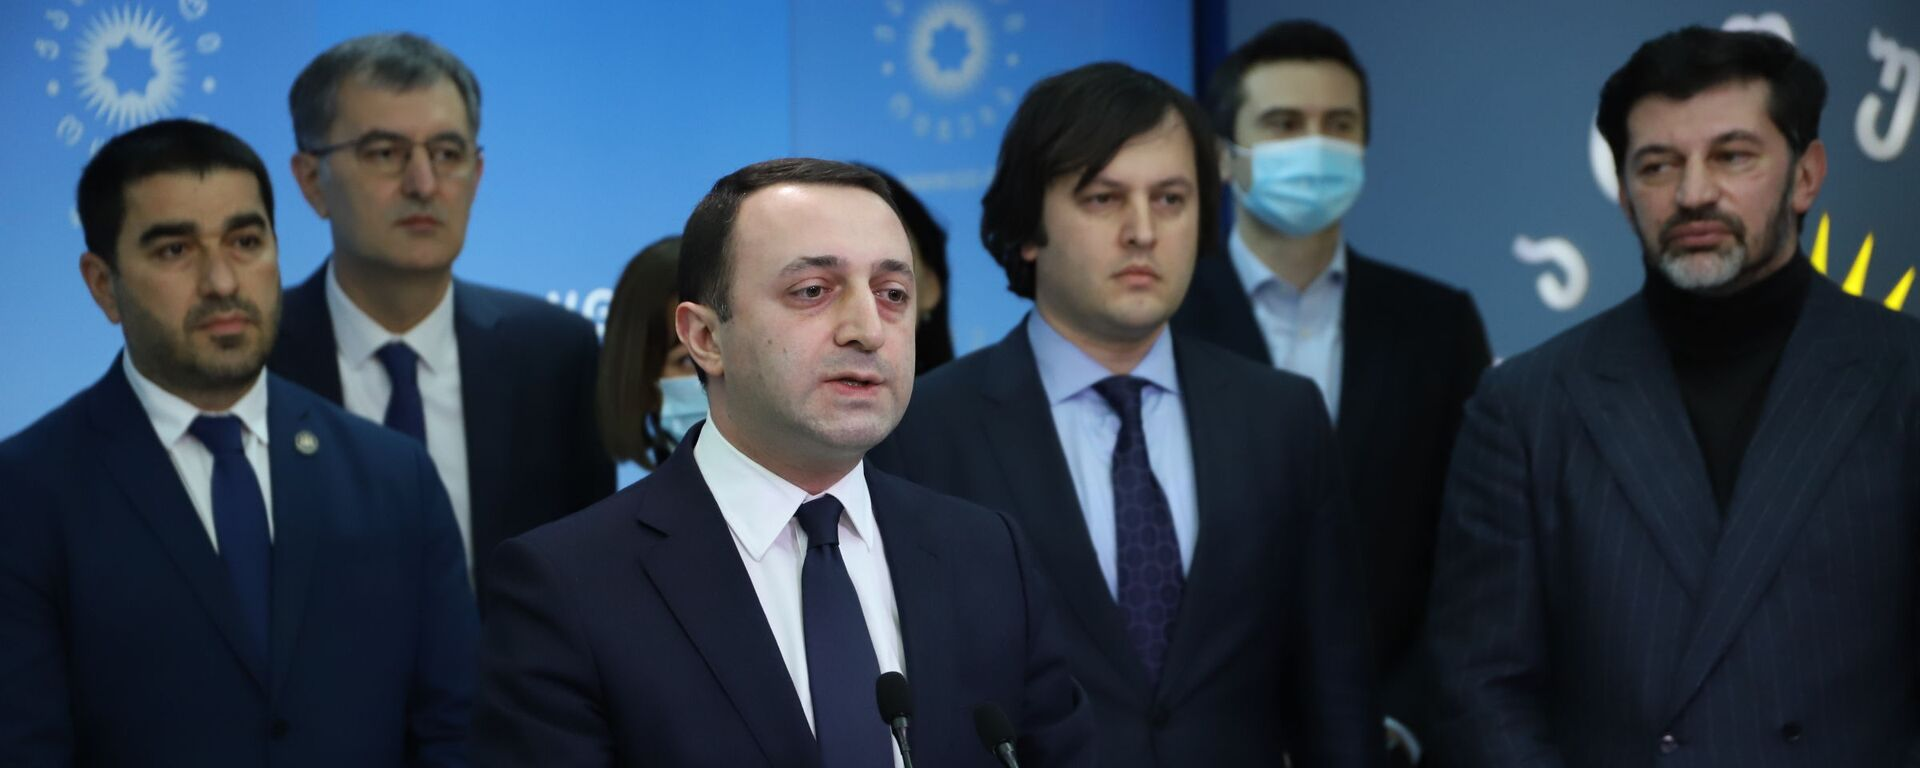 Ираклий Гарибашвили. Брифинг лидеров правящей партии Грузинская мечта 18 февраля 2021 года - Sputnik Грузия, 1920, 02.10.2021